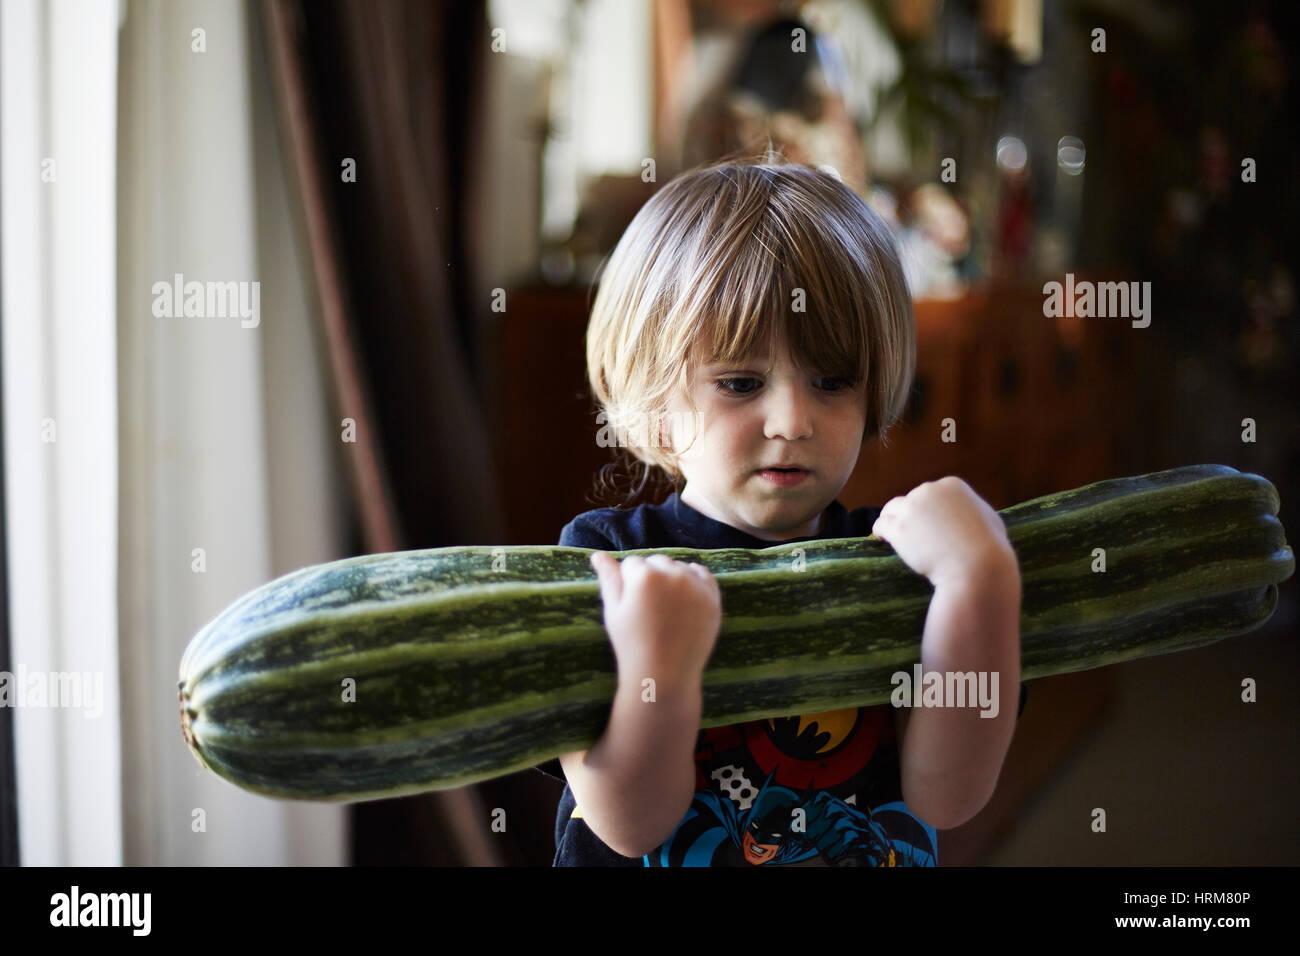 Ragazzo con zucchine grandi Immagini Stock